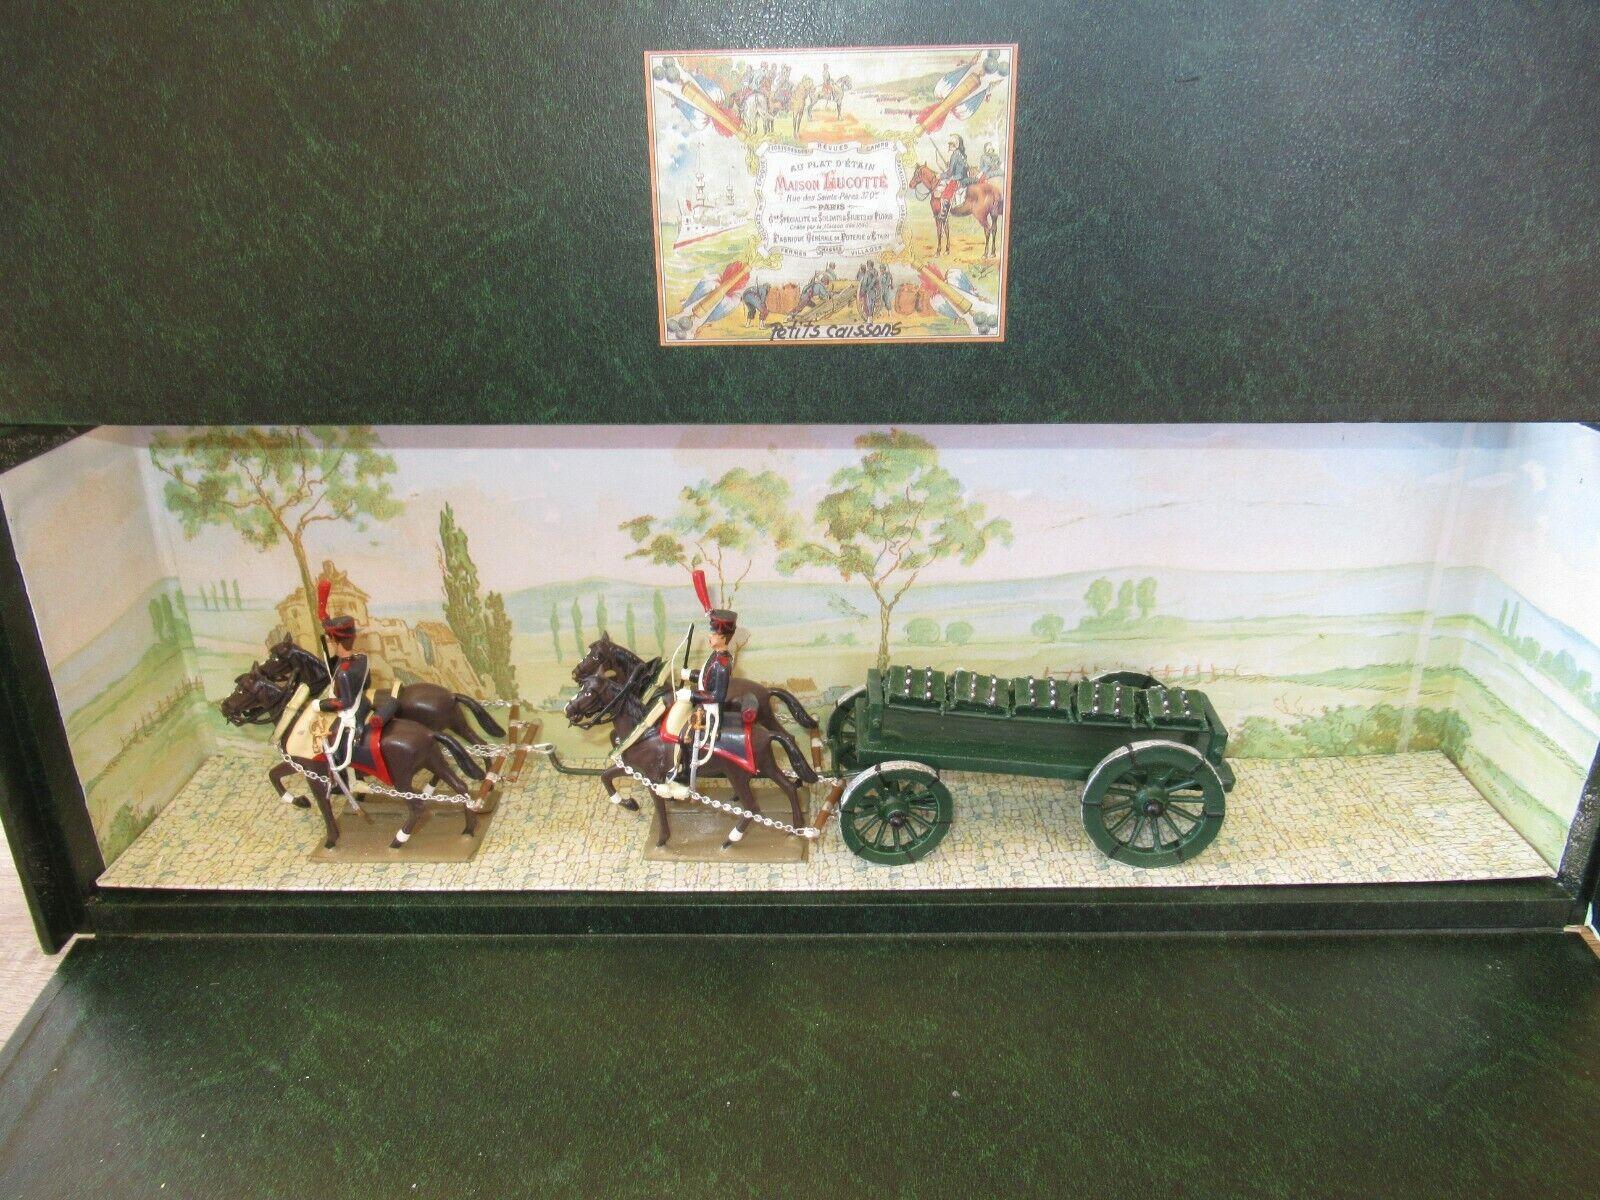 Diorama lucot acopló a cuatro caballos con cajas de de de municiones. 156